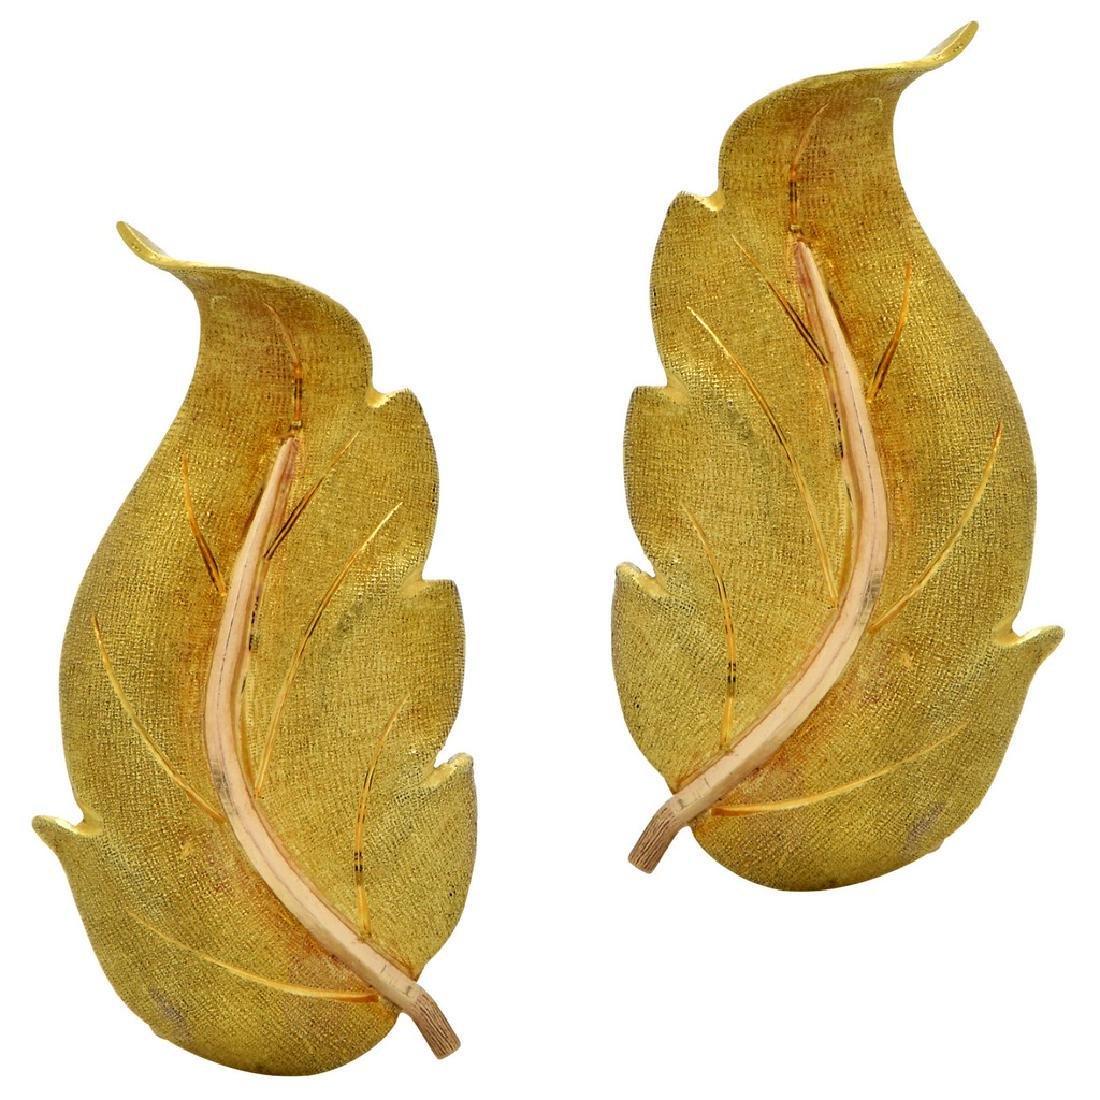 Buccellatti 18K Yellow Gold Leaf Earrings